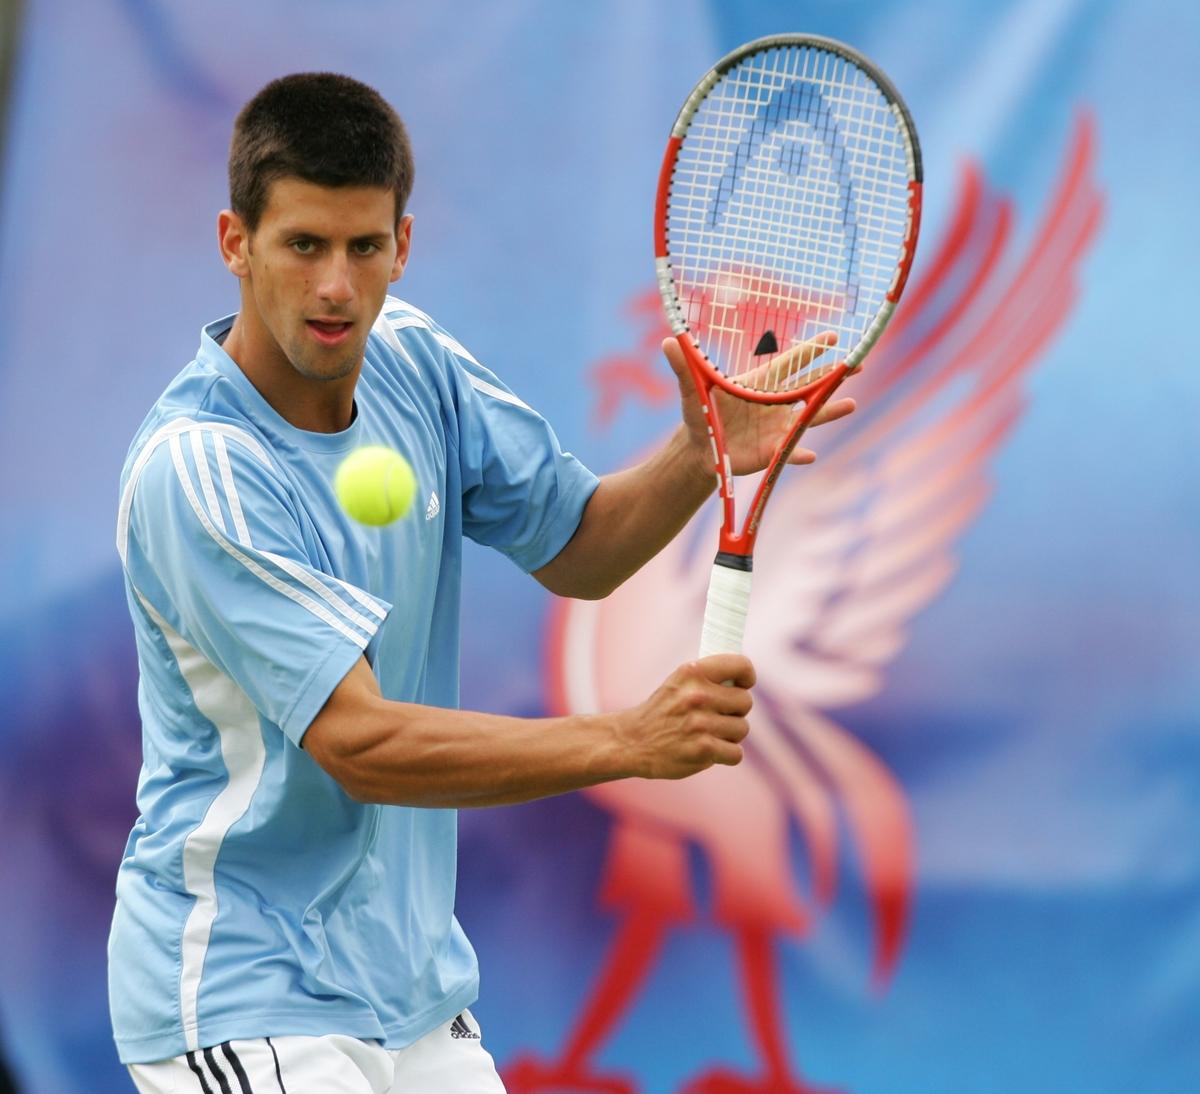 Tennis - Liverpool International Tennis Tournament - ATP Group A - Novak Djokovic v Jan-Frode Andersen